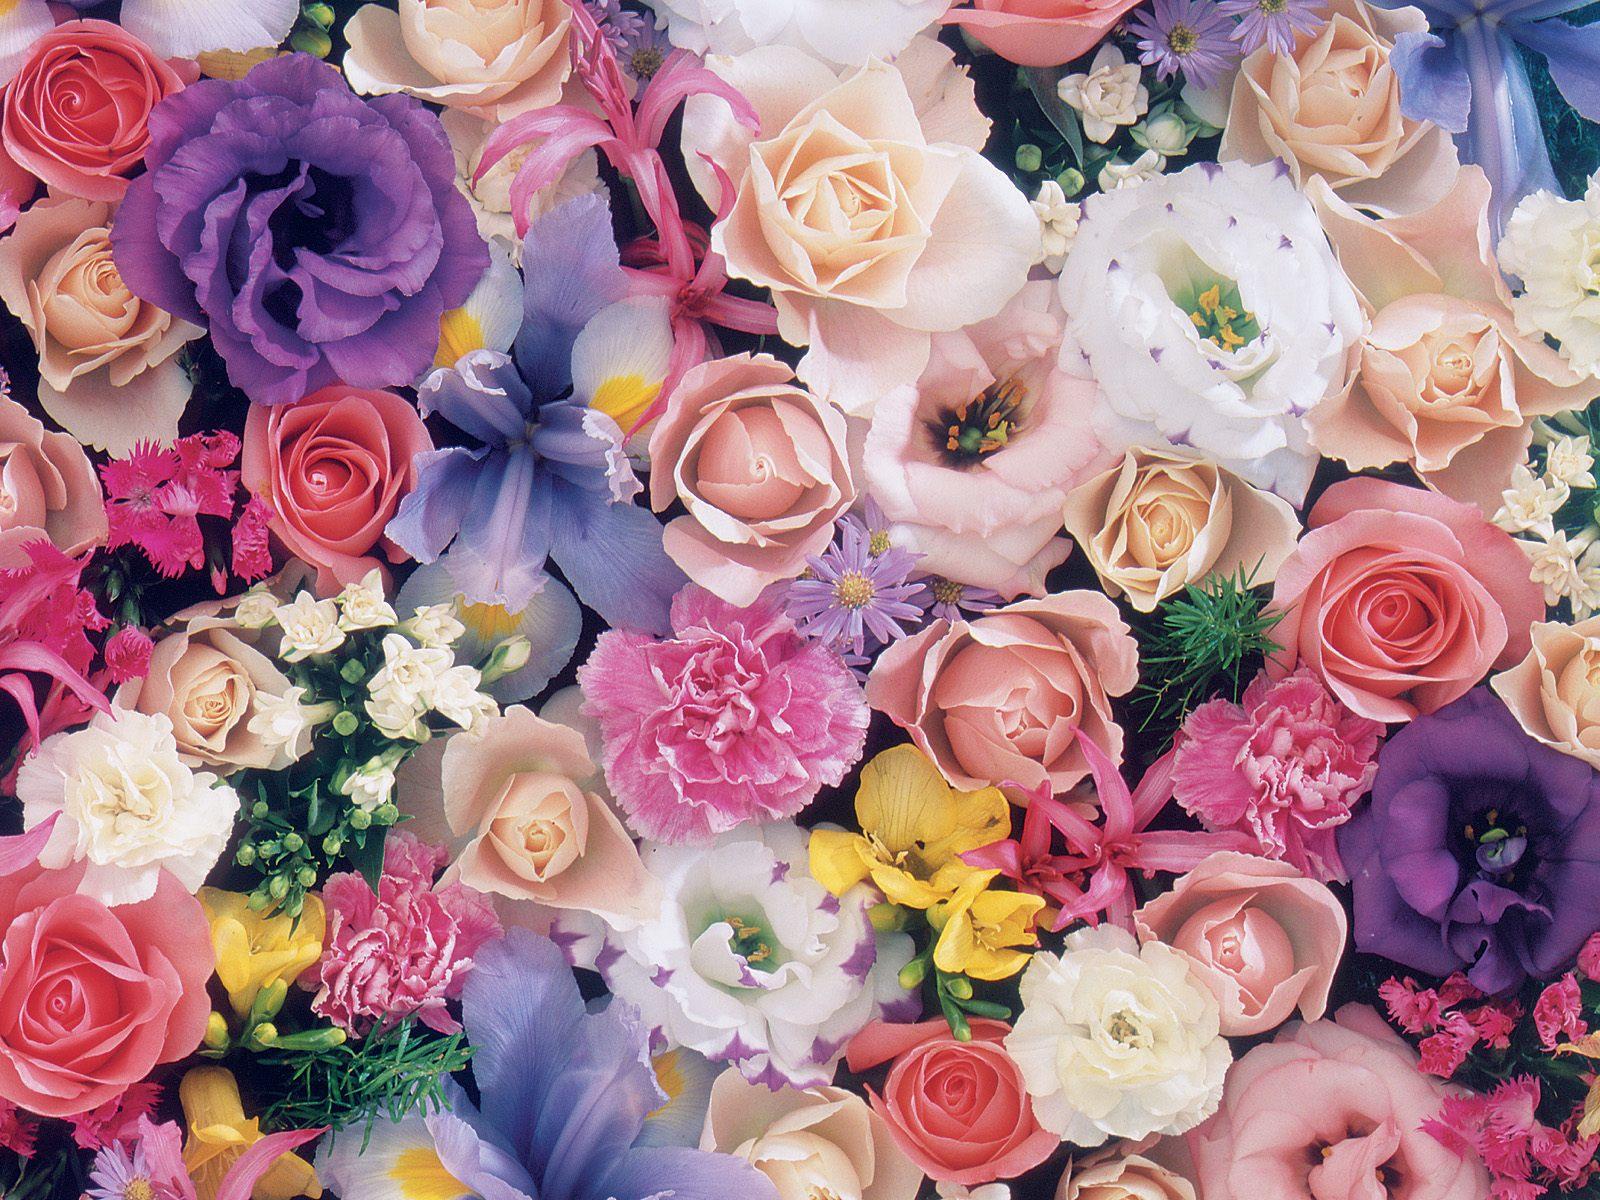 بالصور صور ورود جميله , اجمل اشكال والوان الورود 6250 3